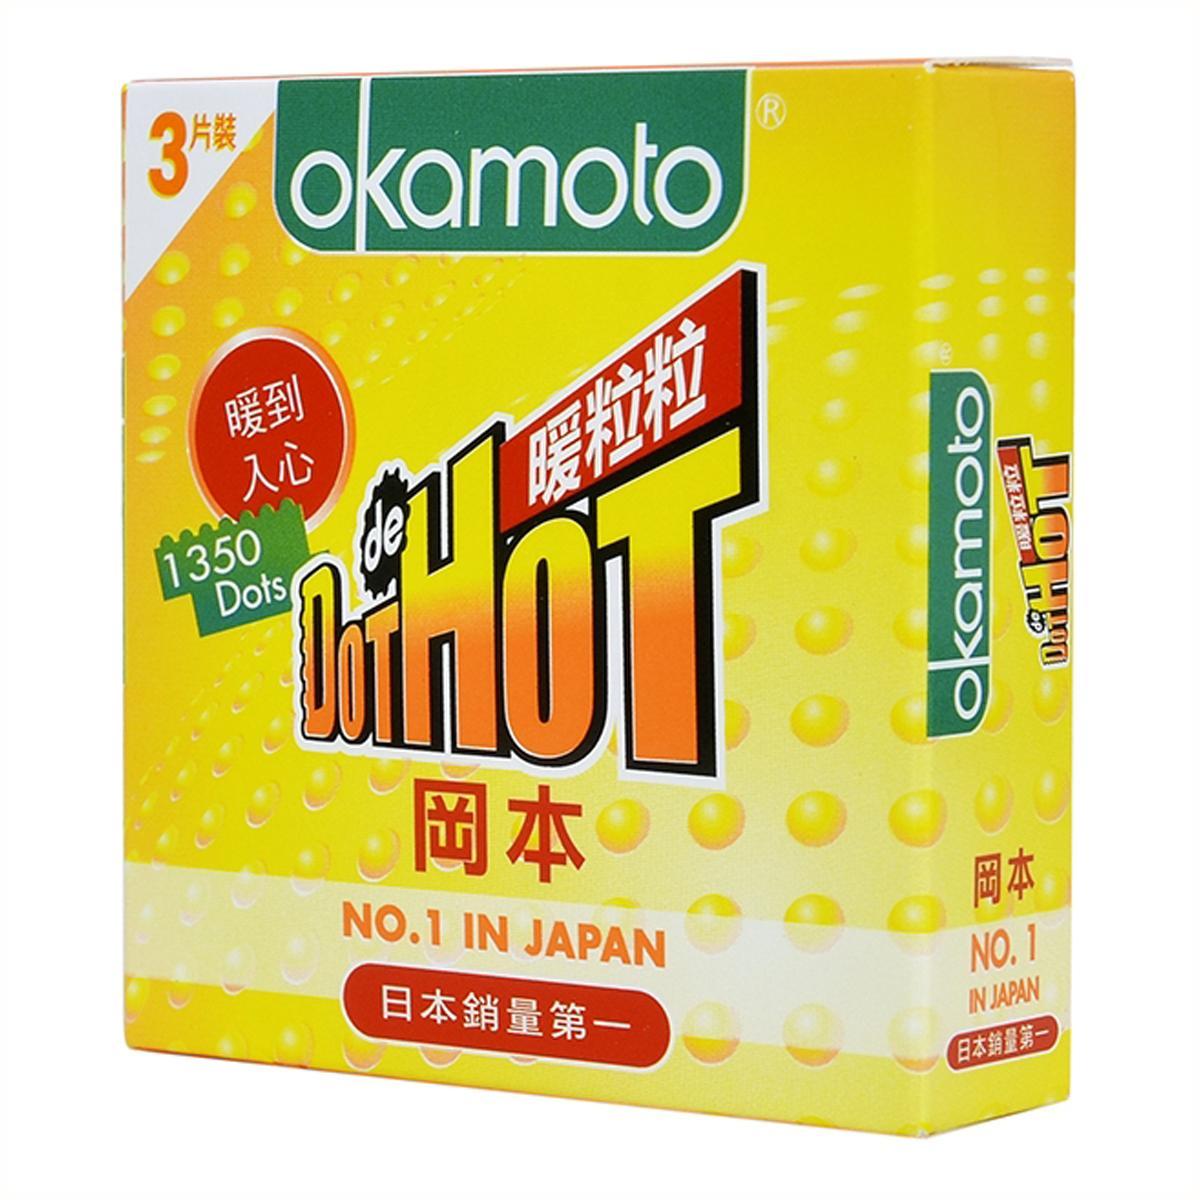 [Hộp 3 chiếc] Bao Cao Su Cao Cấp Nhật Bản Okamoto Dot De Hot Gai Nóng Truyền Nhiệt Nhanh - Bigbullshop